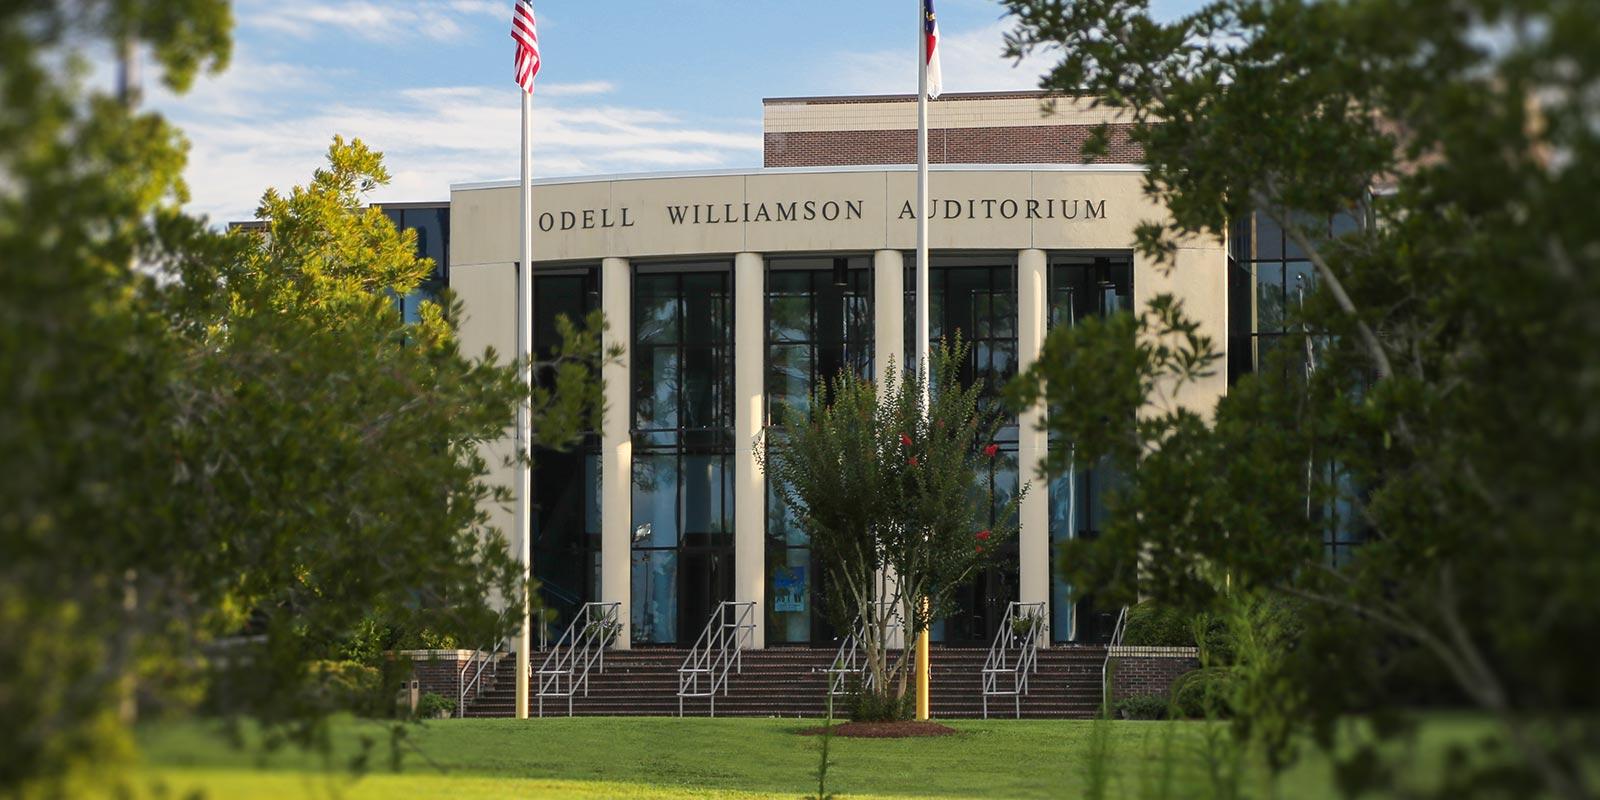 odell-williamson-auditorium